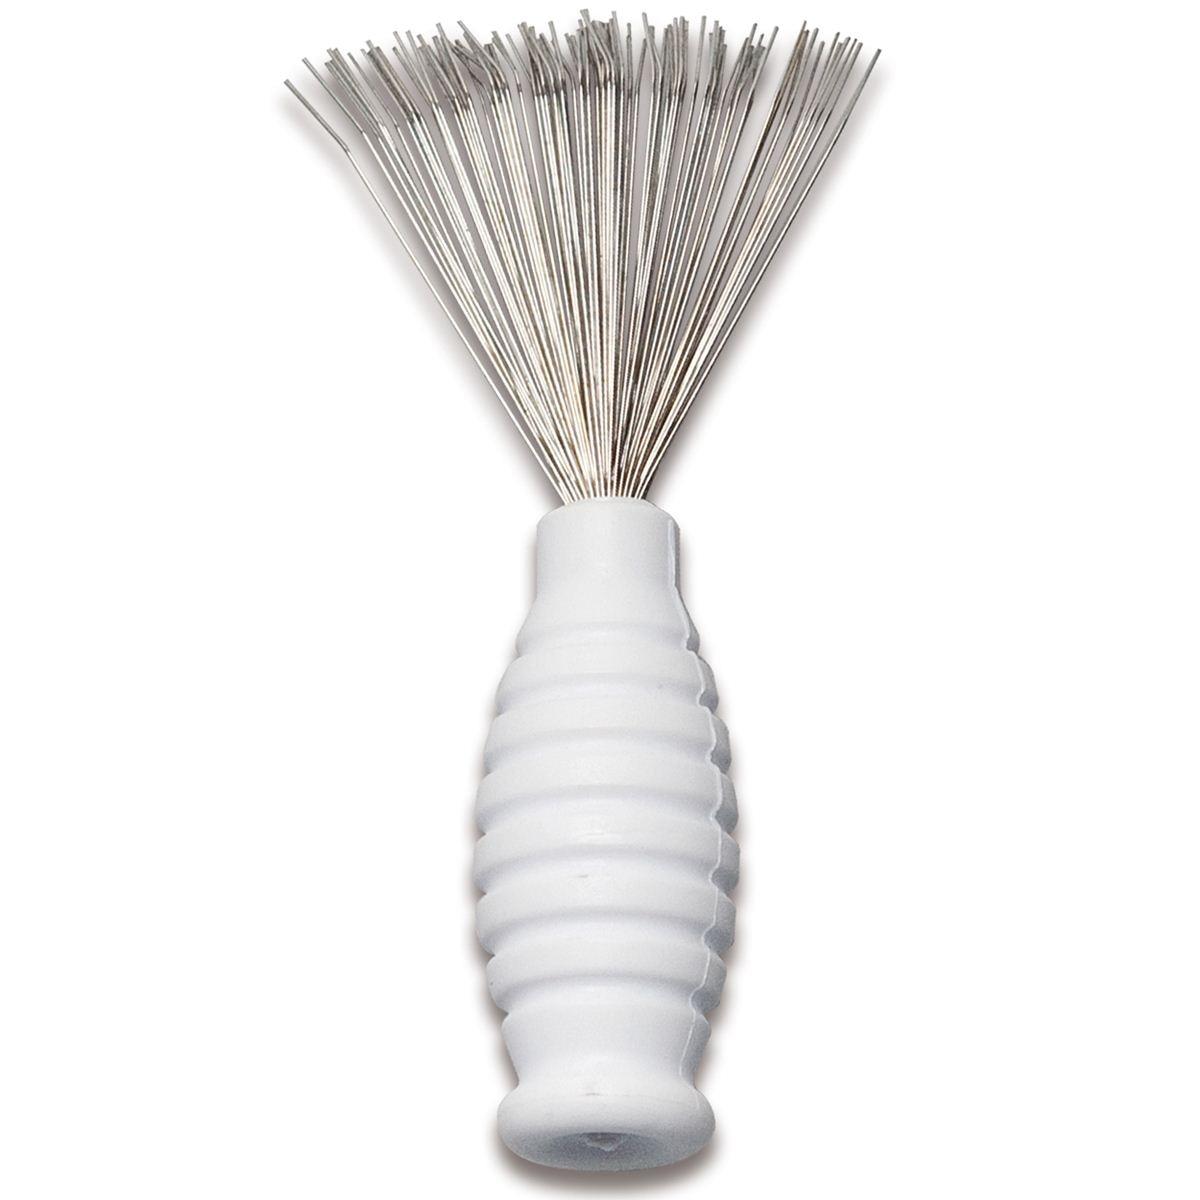 Limpiador cepillos  - Sanborns